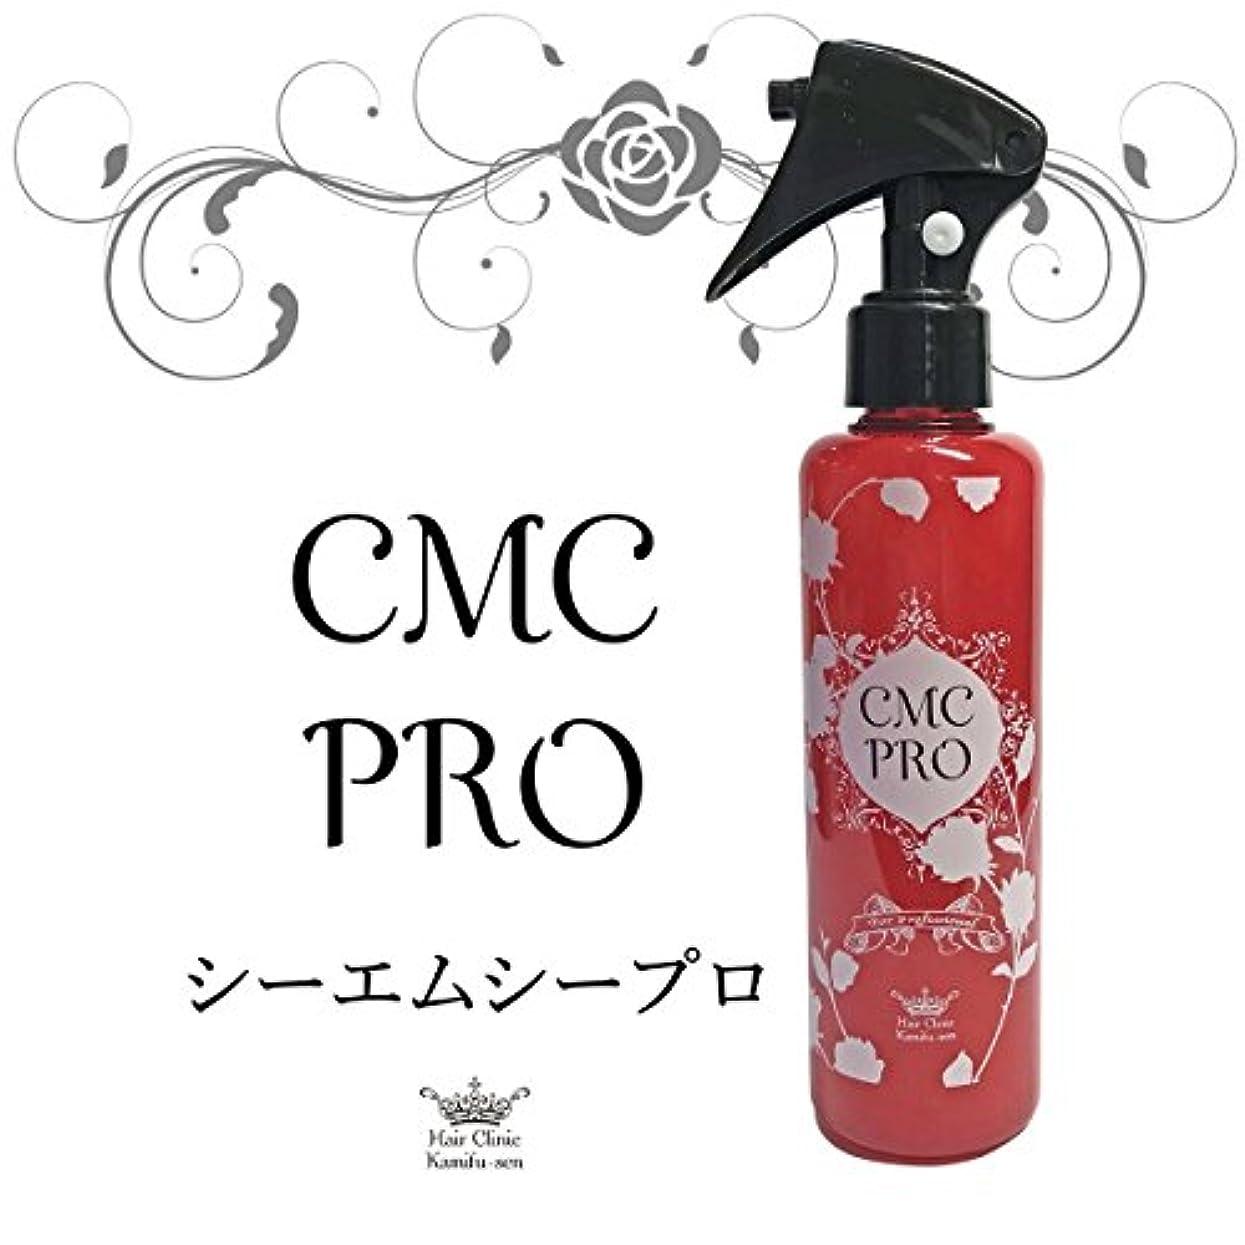 縫う電話に出る刺繍CMCプロ(200ml)(バサバサ髪もしっとり髪へ、ビビリ毛修正に最適)